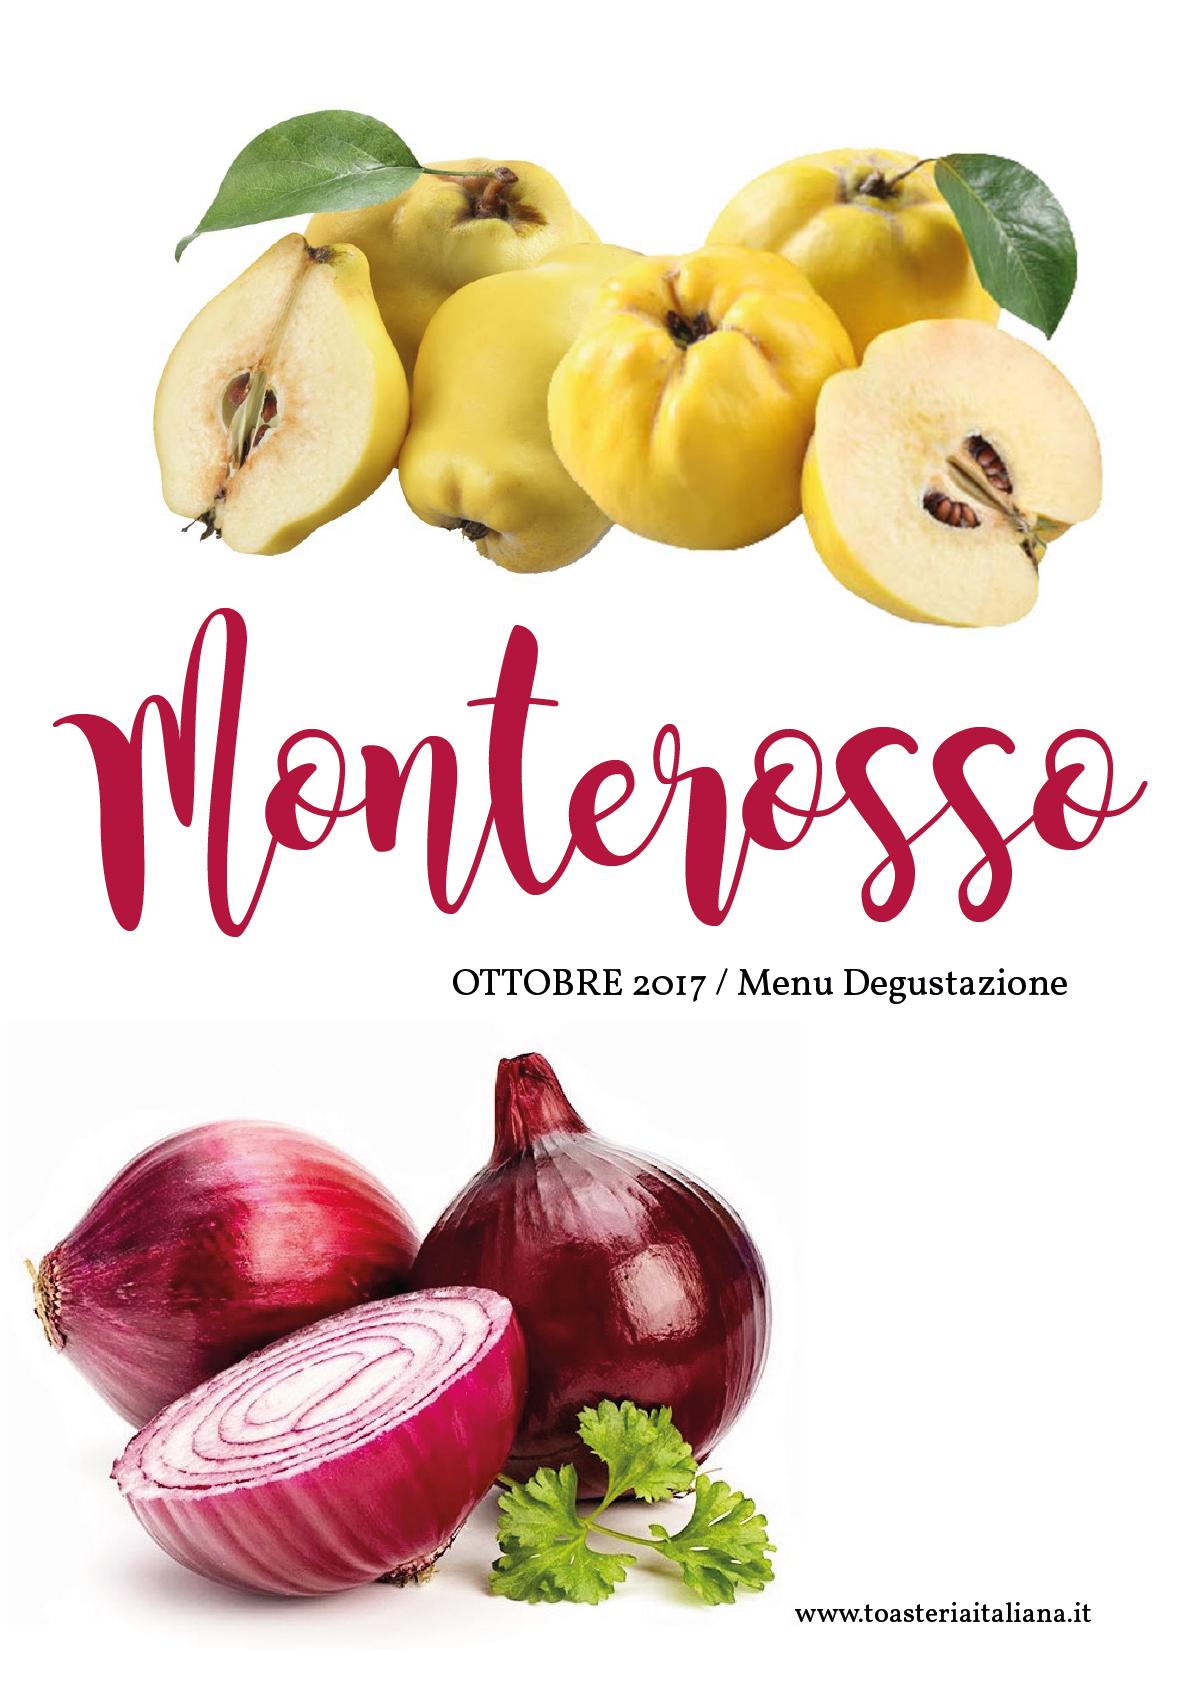 A4-Menu-degustazione-Ottobre-2017-fotografico-postisito